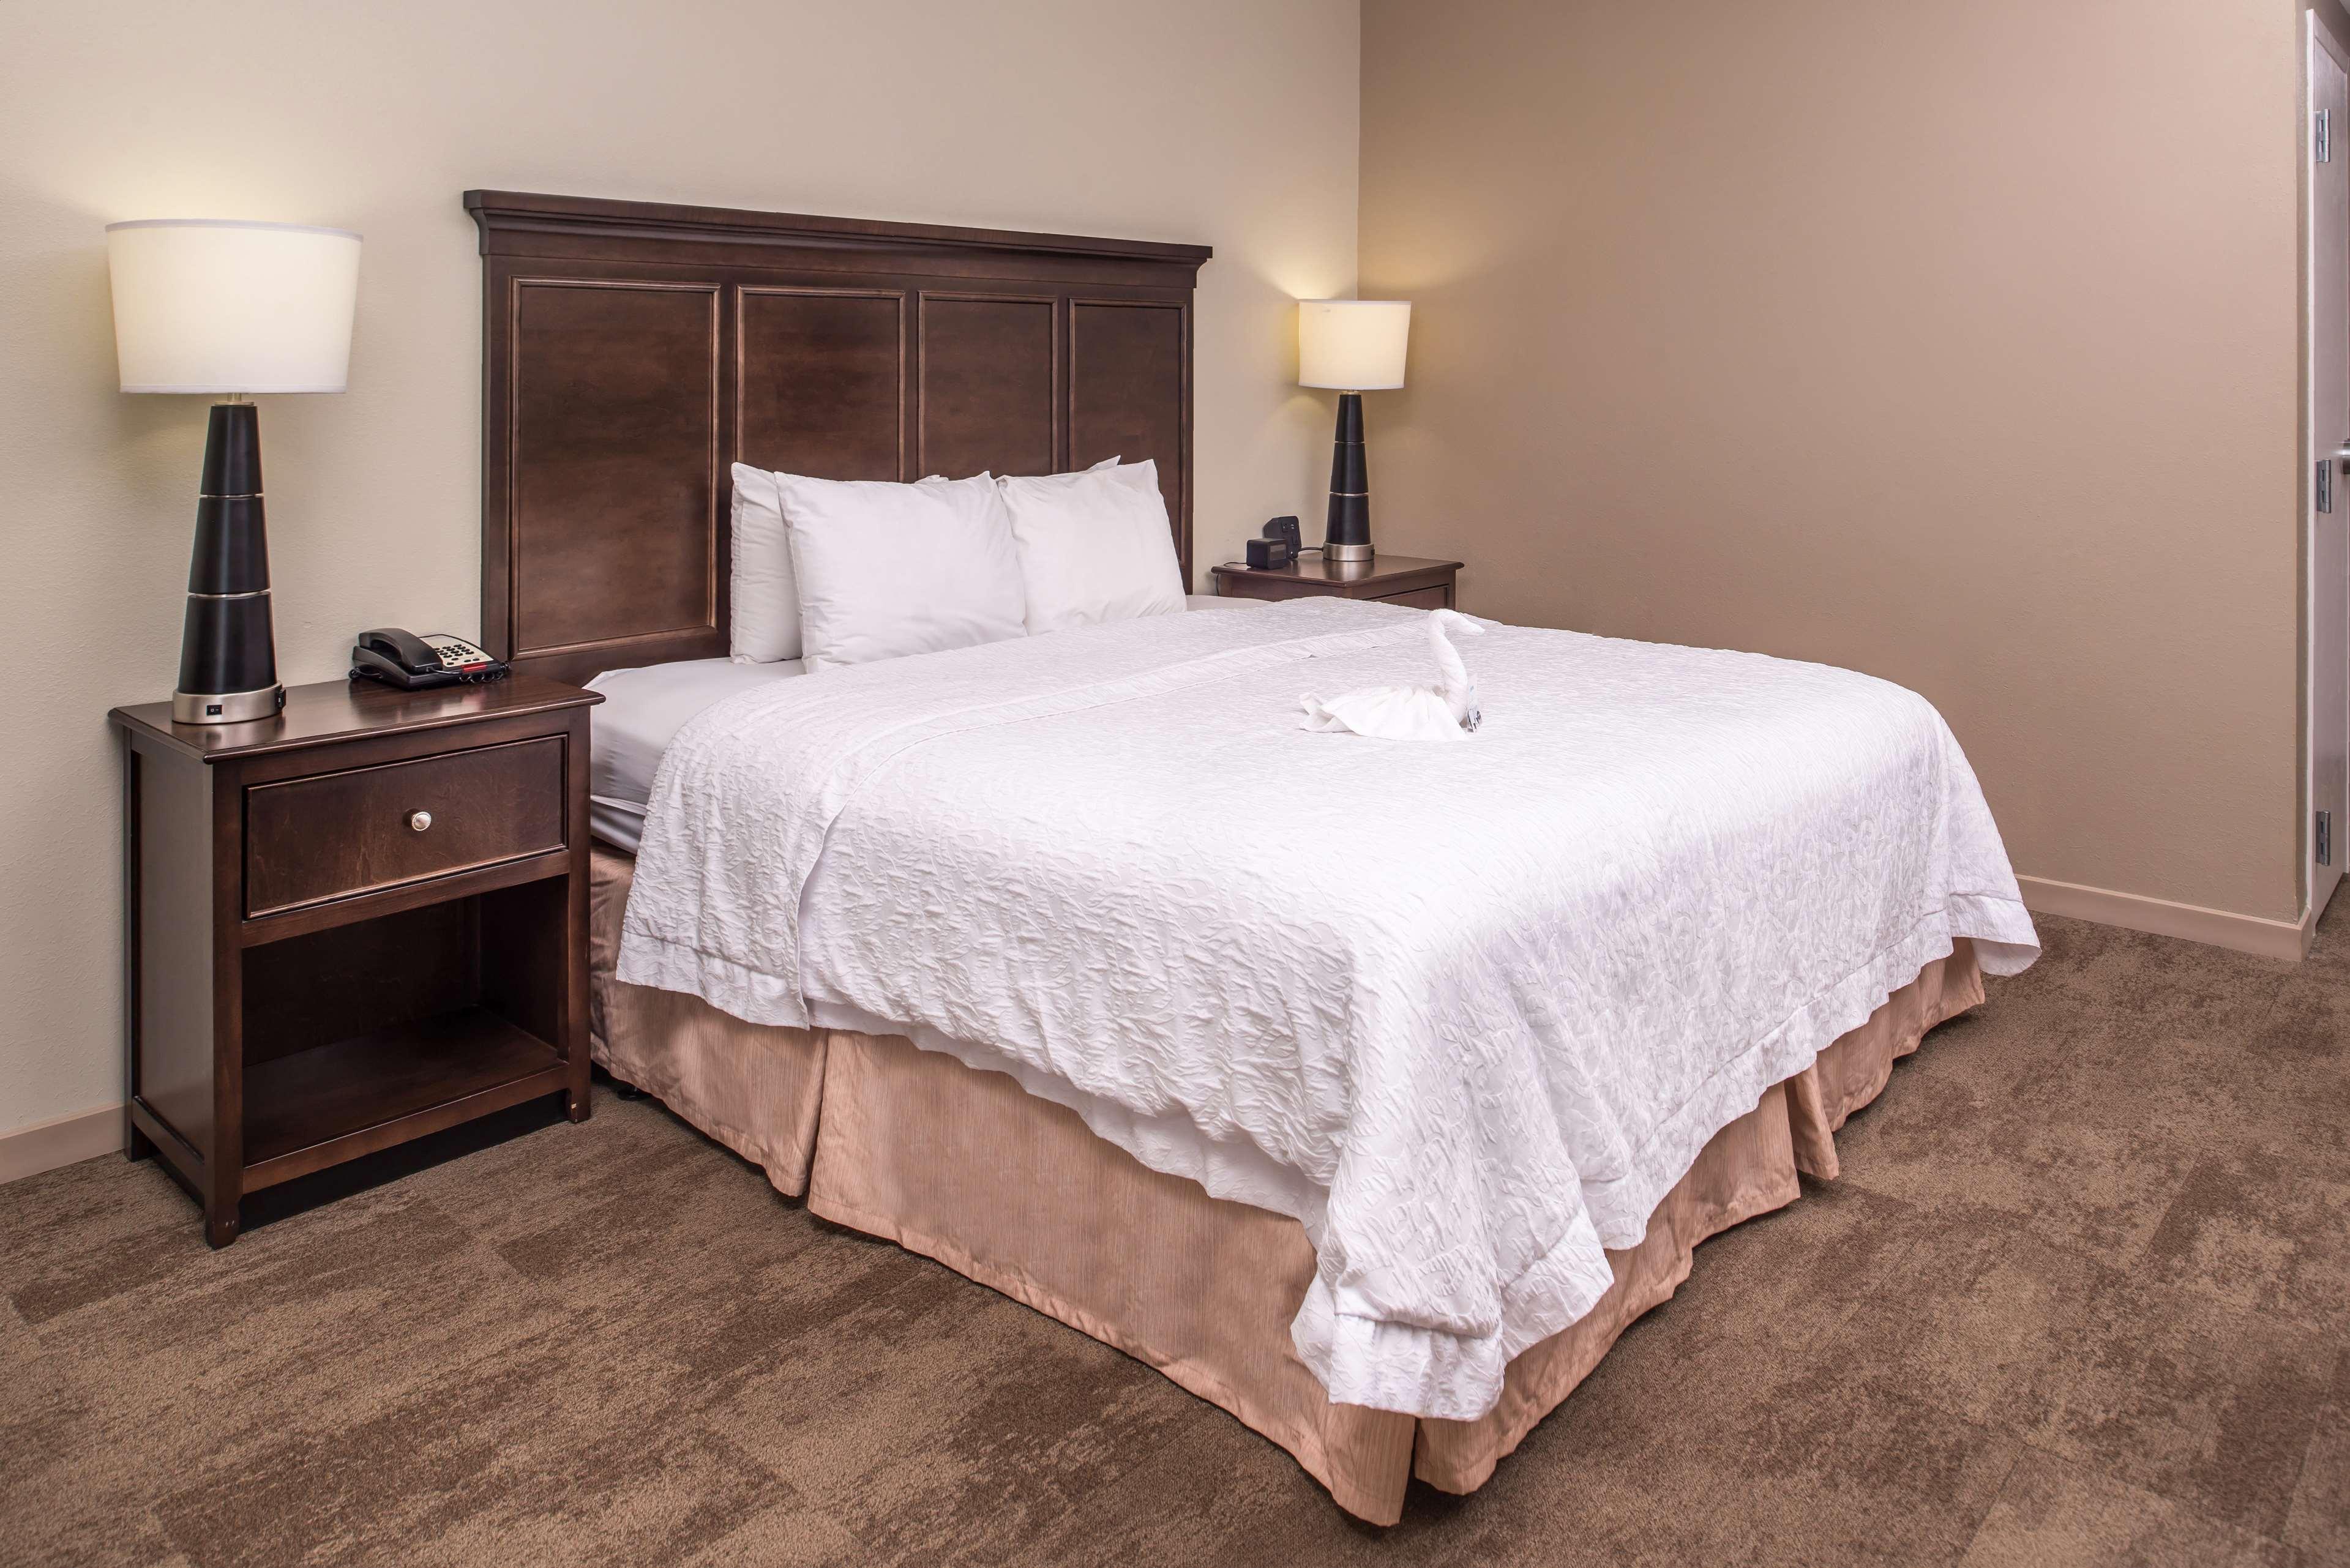 Hampton Inn & Suites Charlotte-Arrowood Rd. image 25